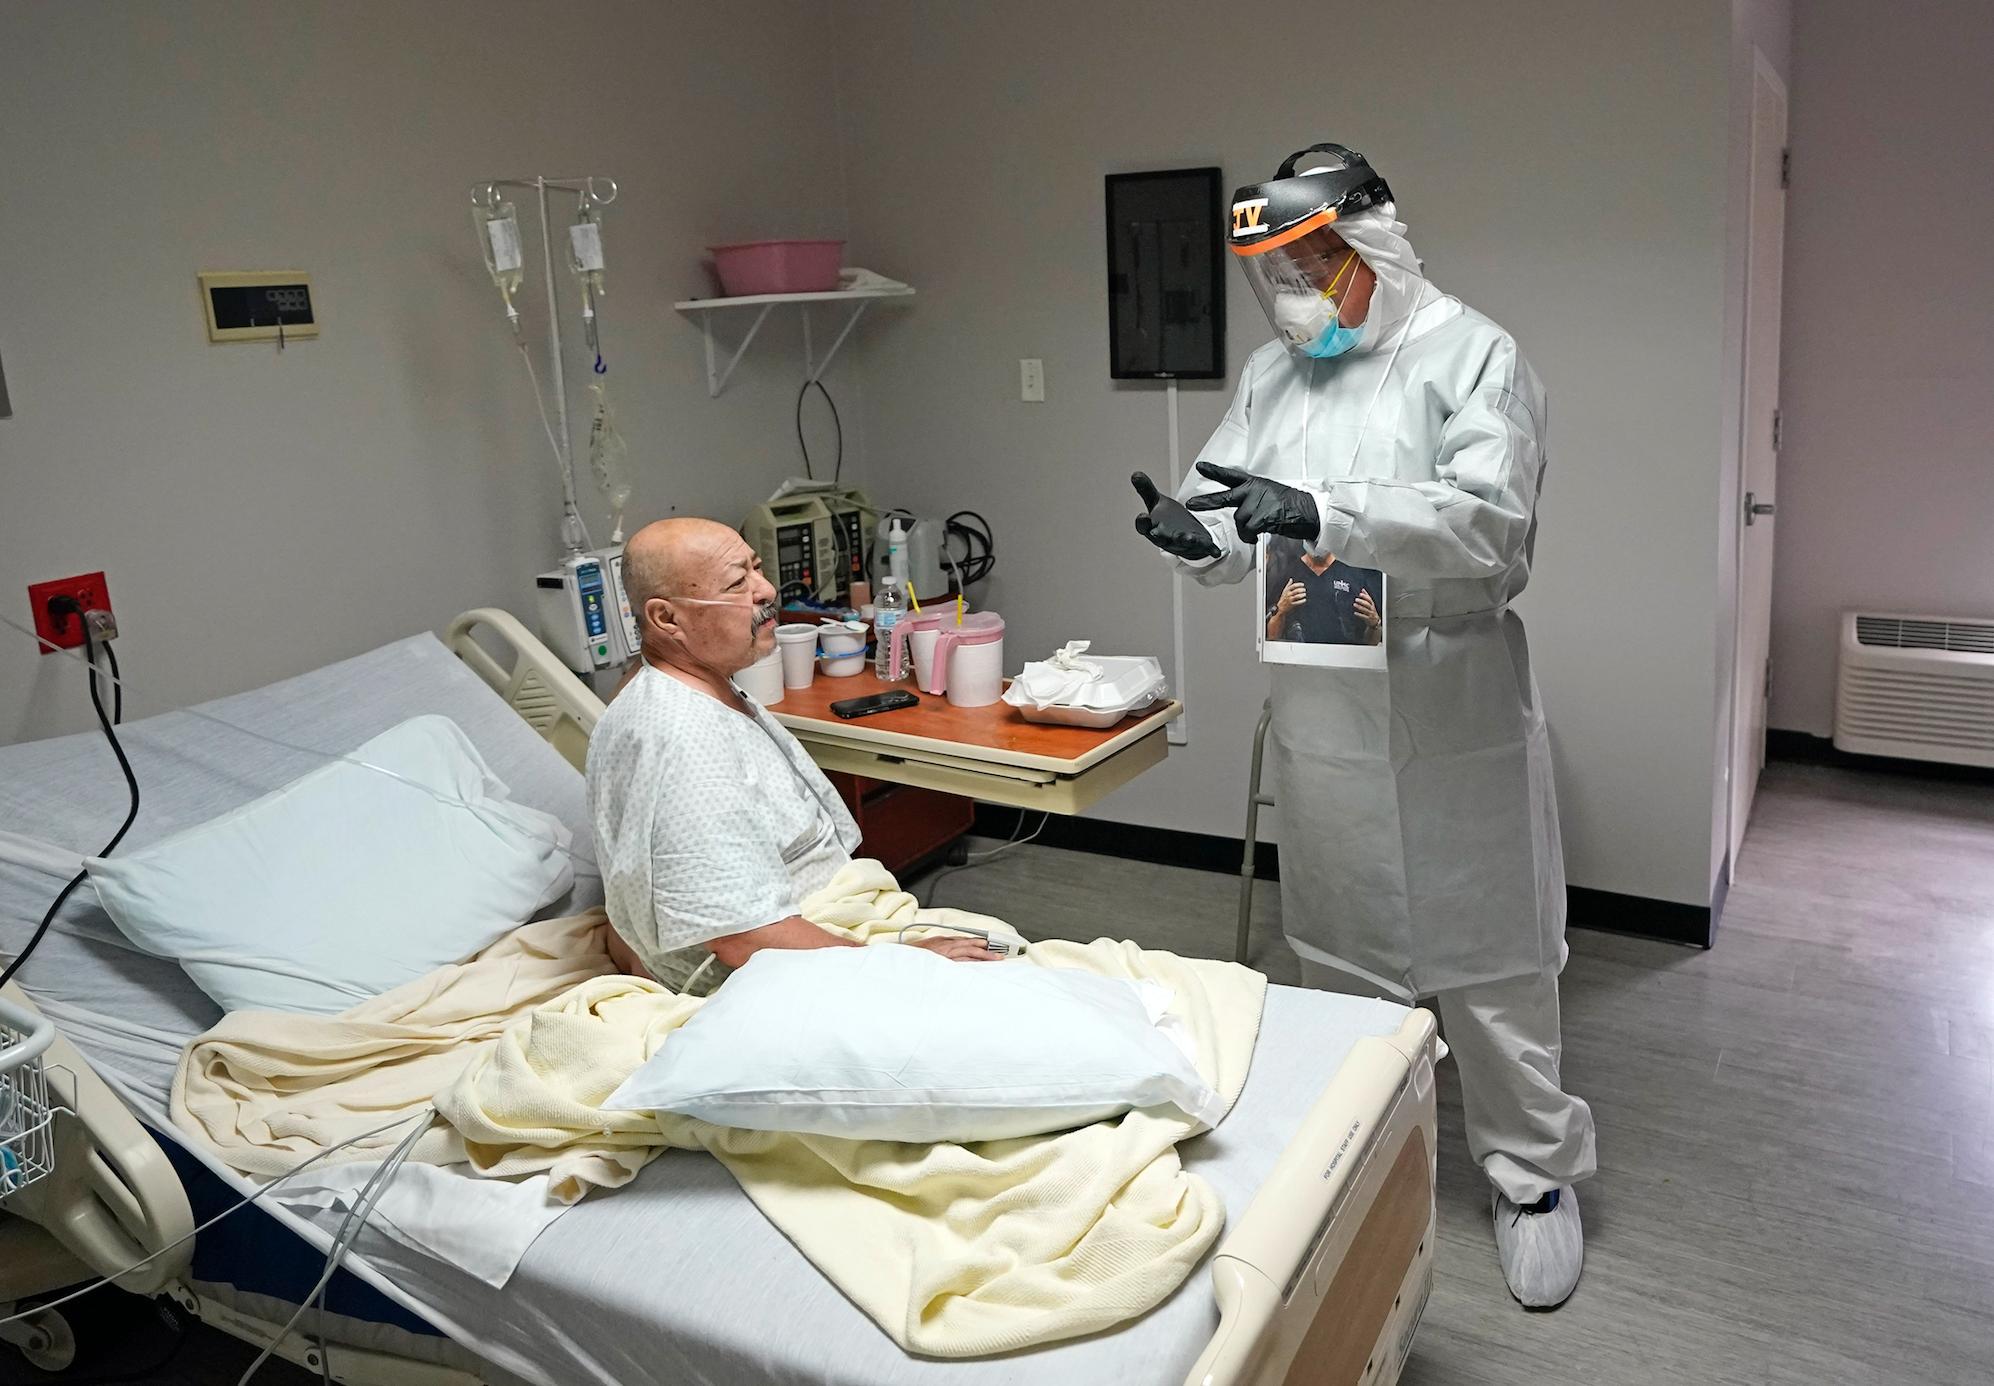 В США число случаев коронавируса превысило три миллиона